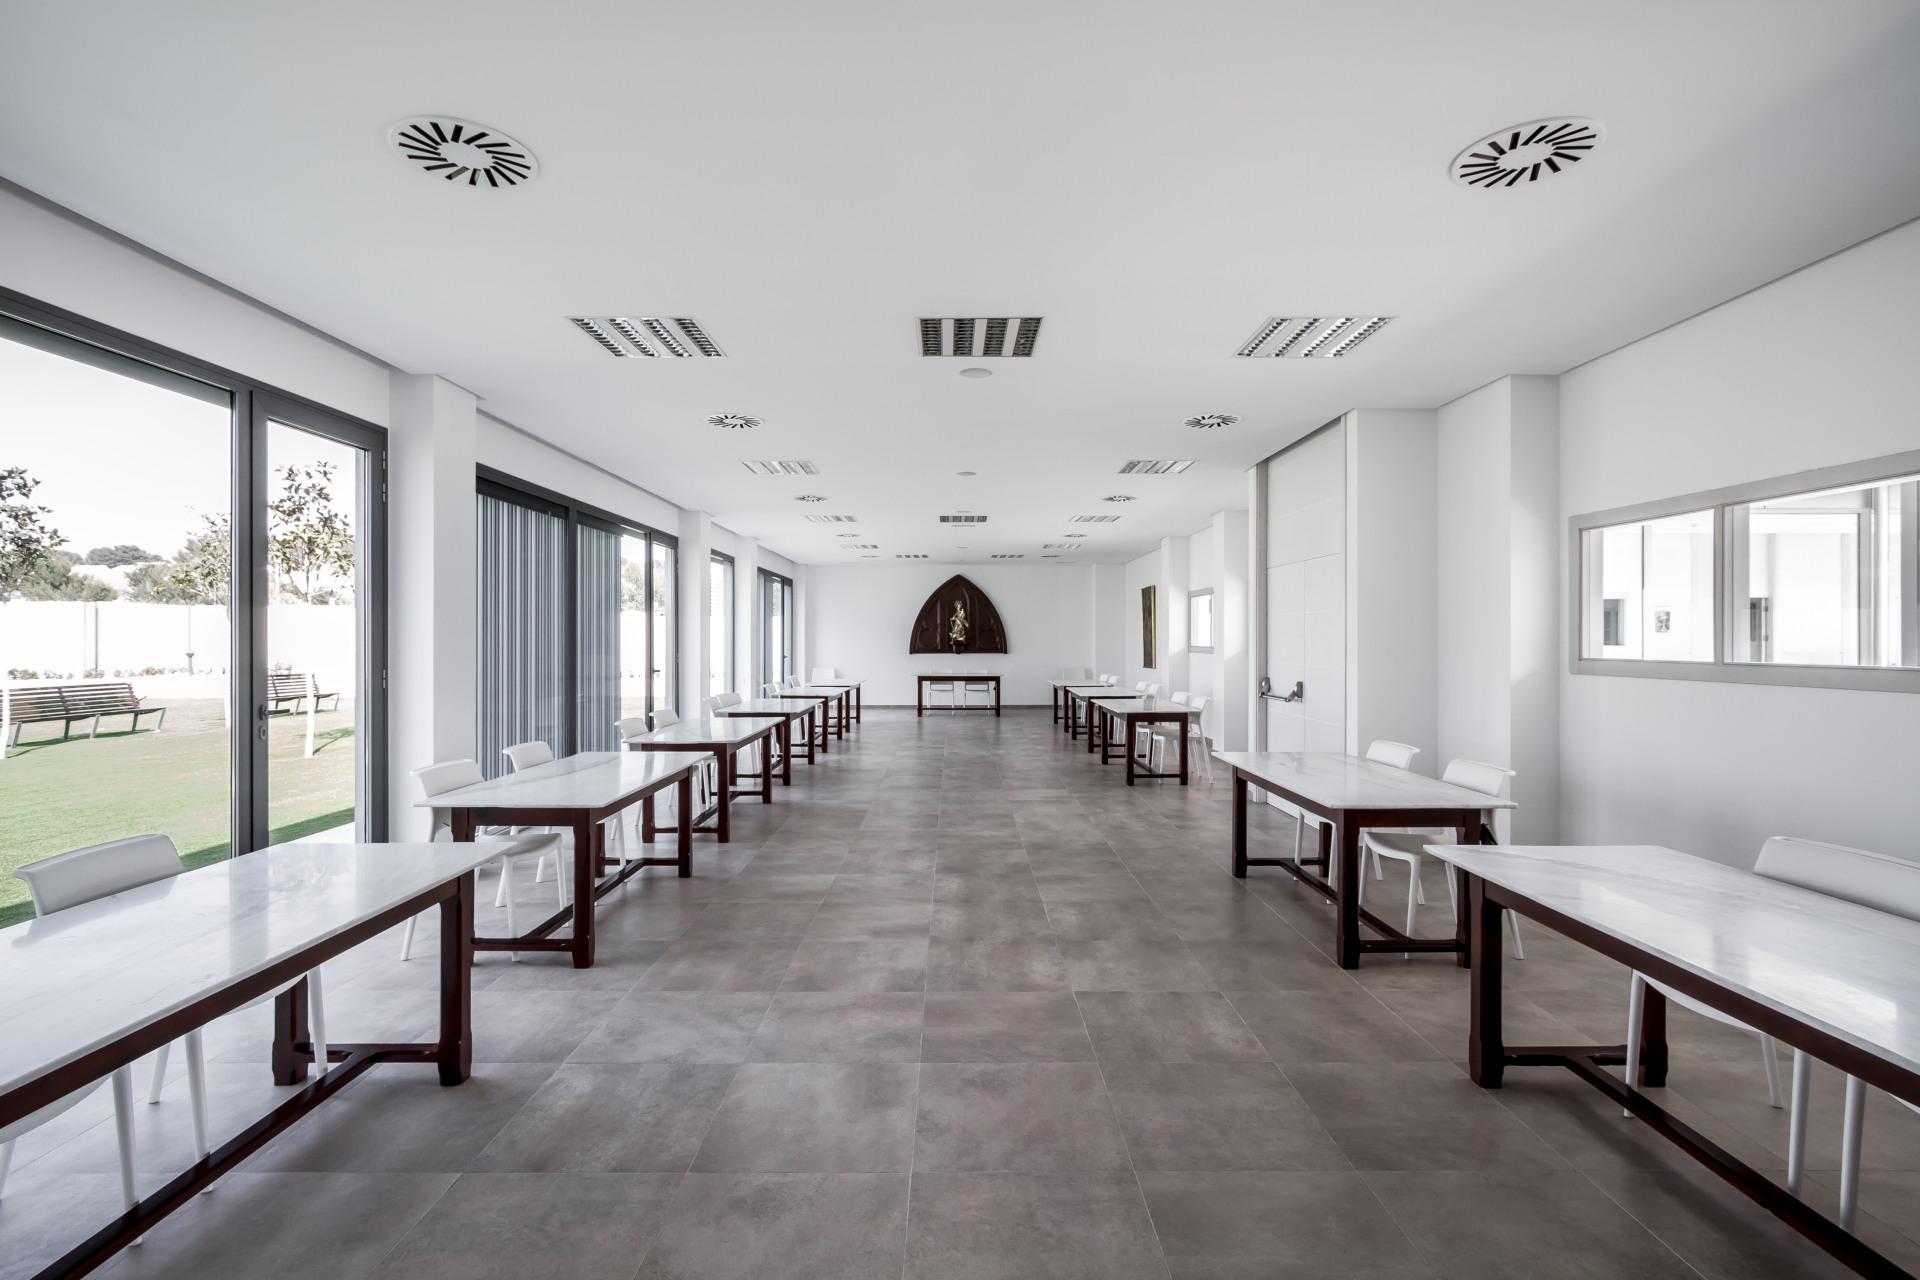 fotografia-arquitectura-valencia-german-cabo-hernandez-monasterio (35)